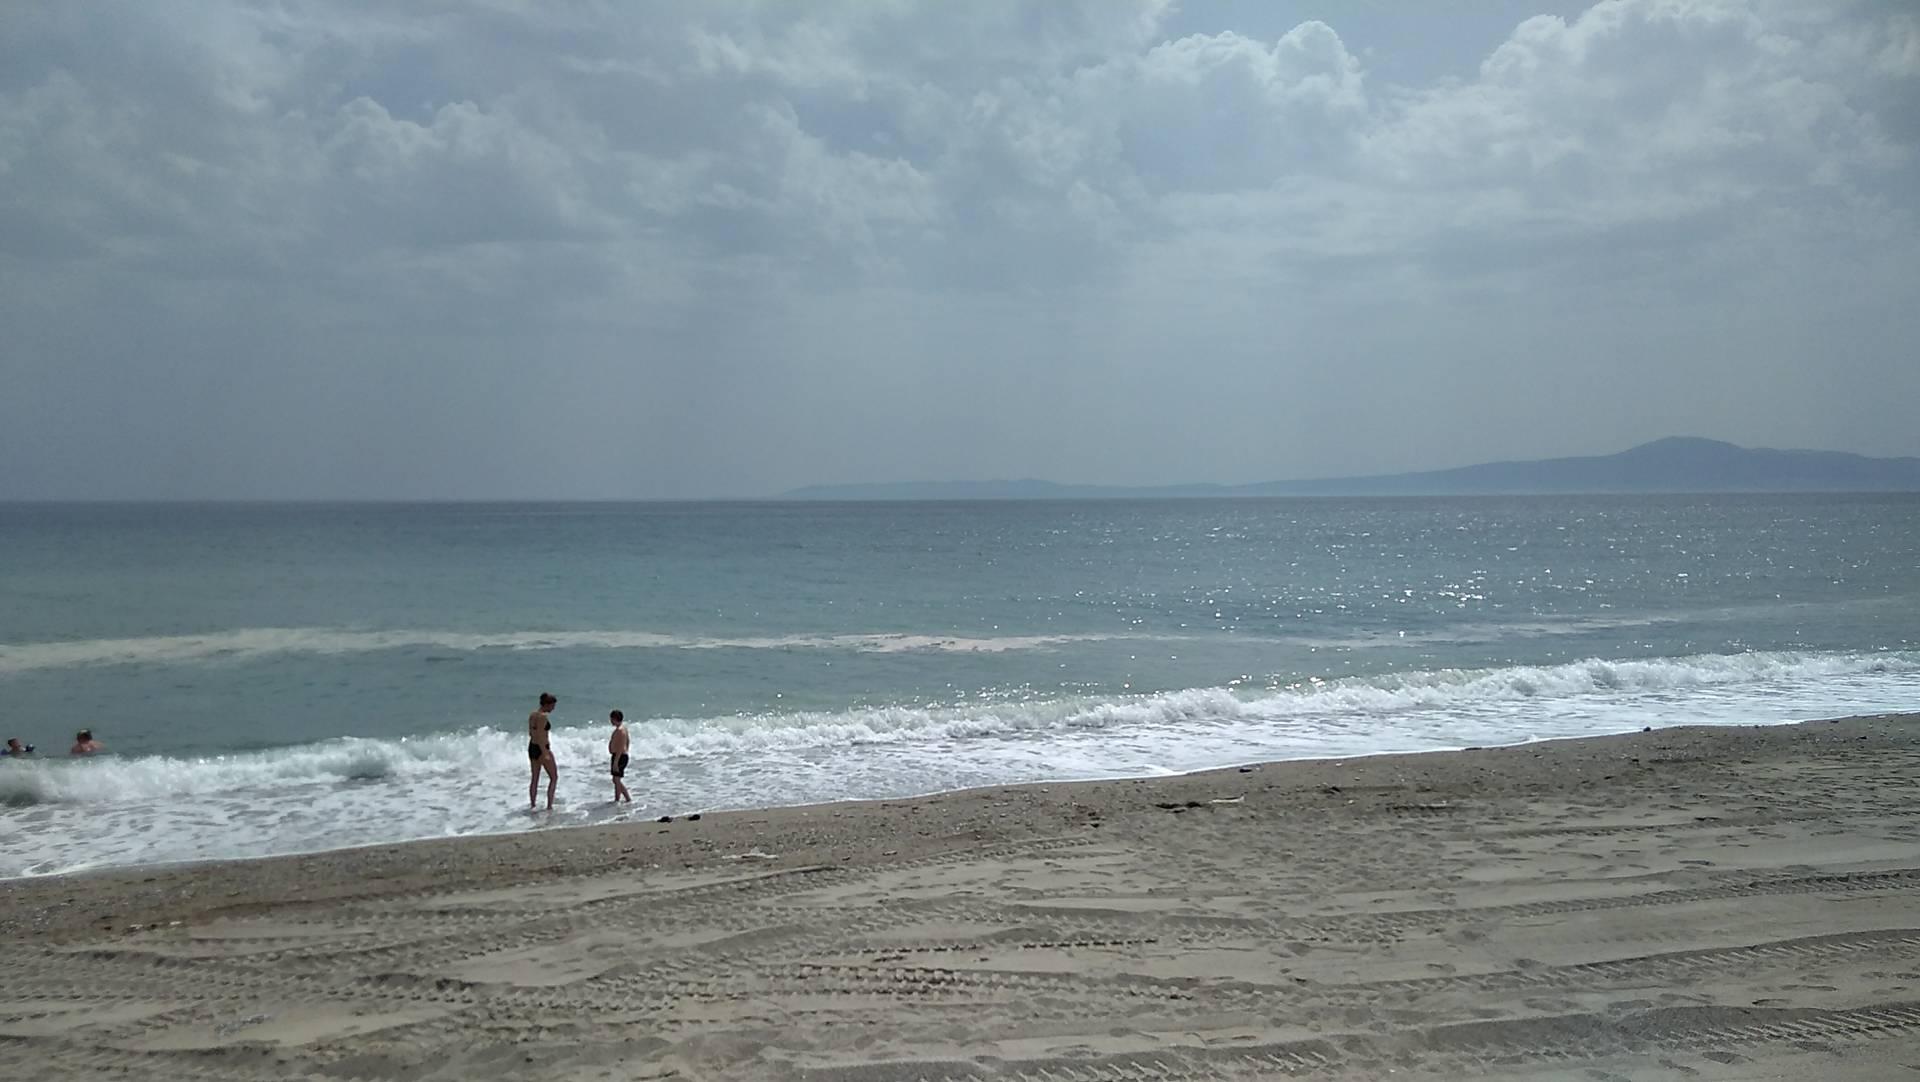 Κίτρινες κηλίδες στις παραλίες Καλαμάτας και Μαντίνειας – Γύρη λέει το Λιμεναρχείο